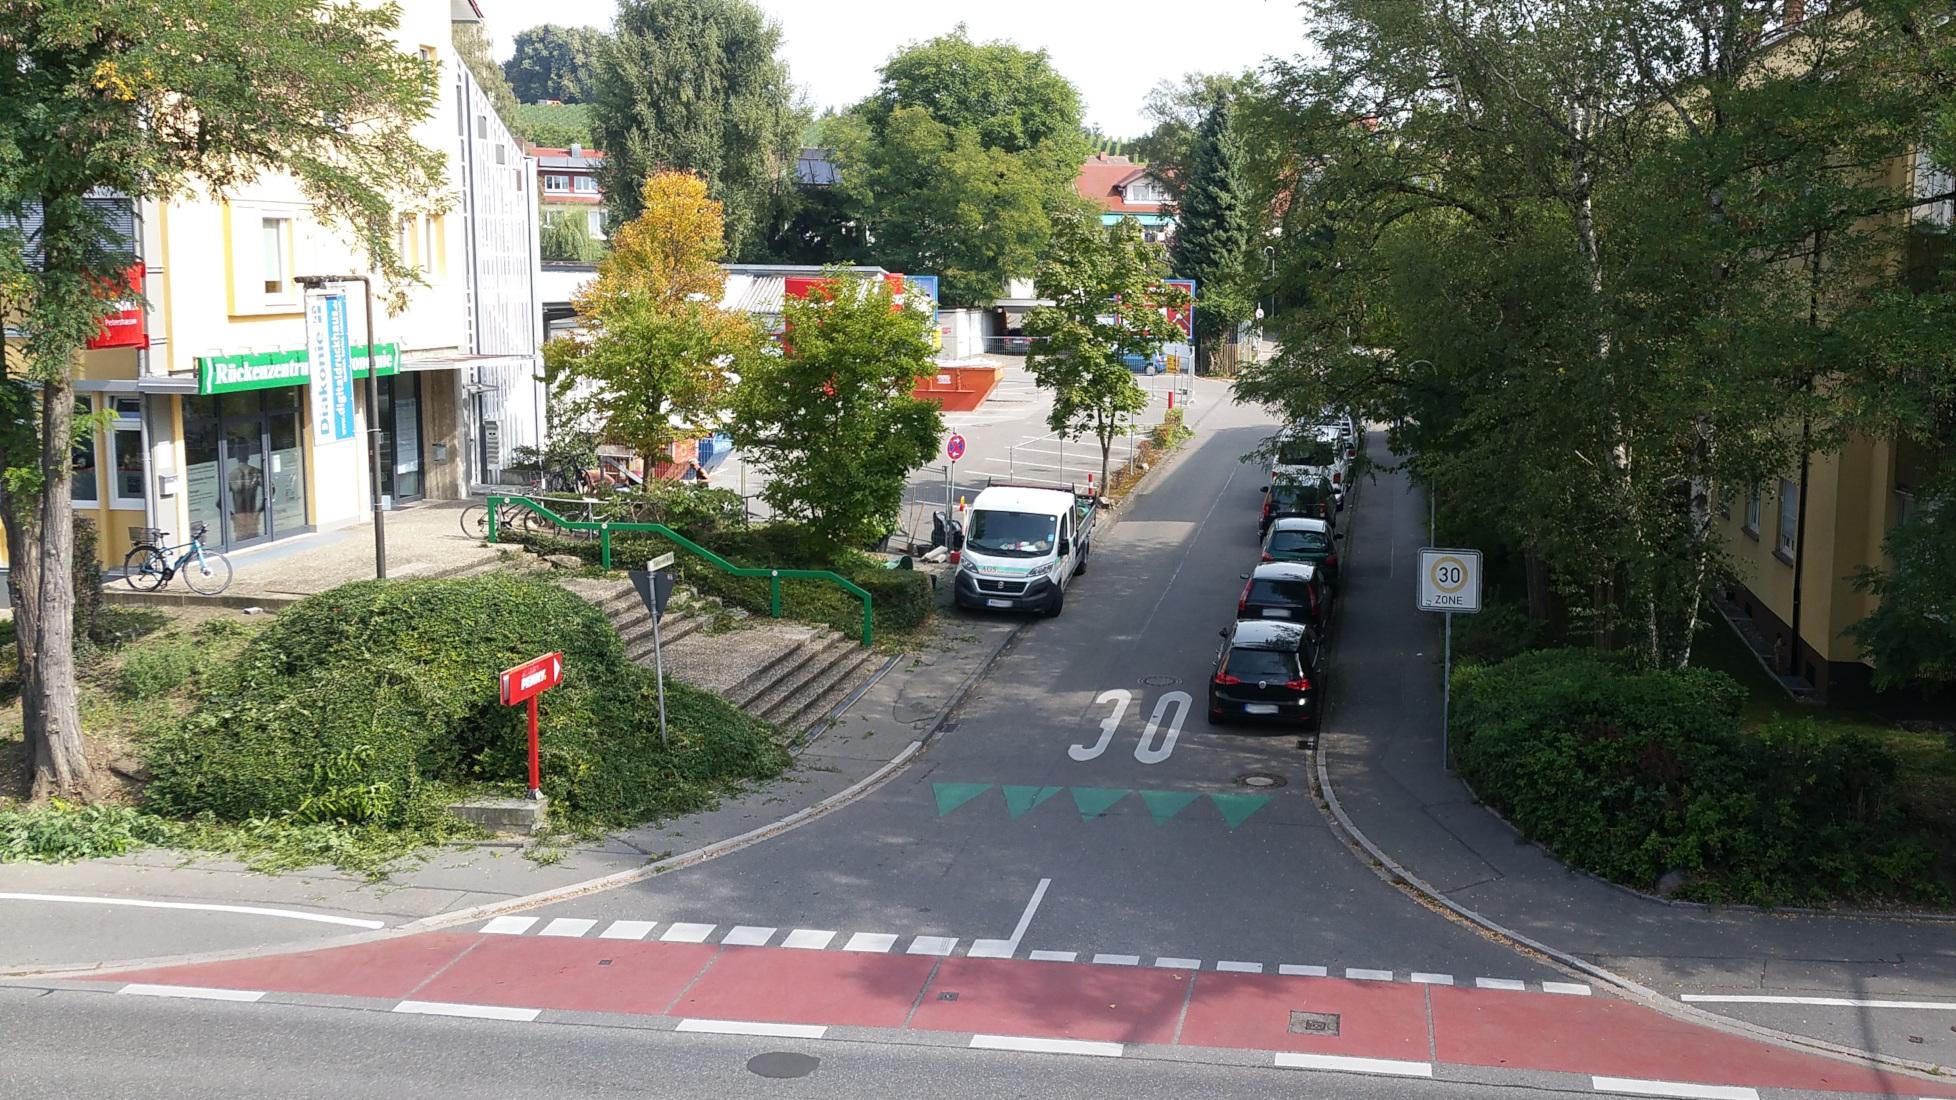 Baustelle vorm miradlo versanddepot konstanz for Depot konstanz